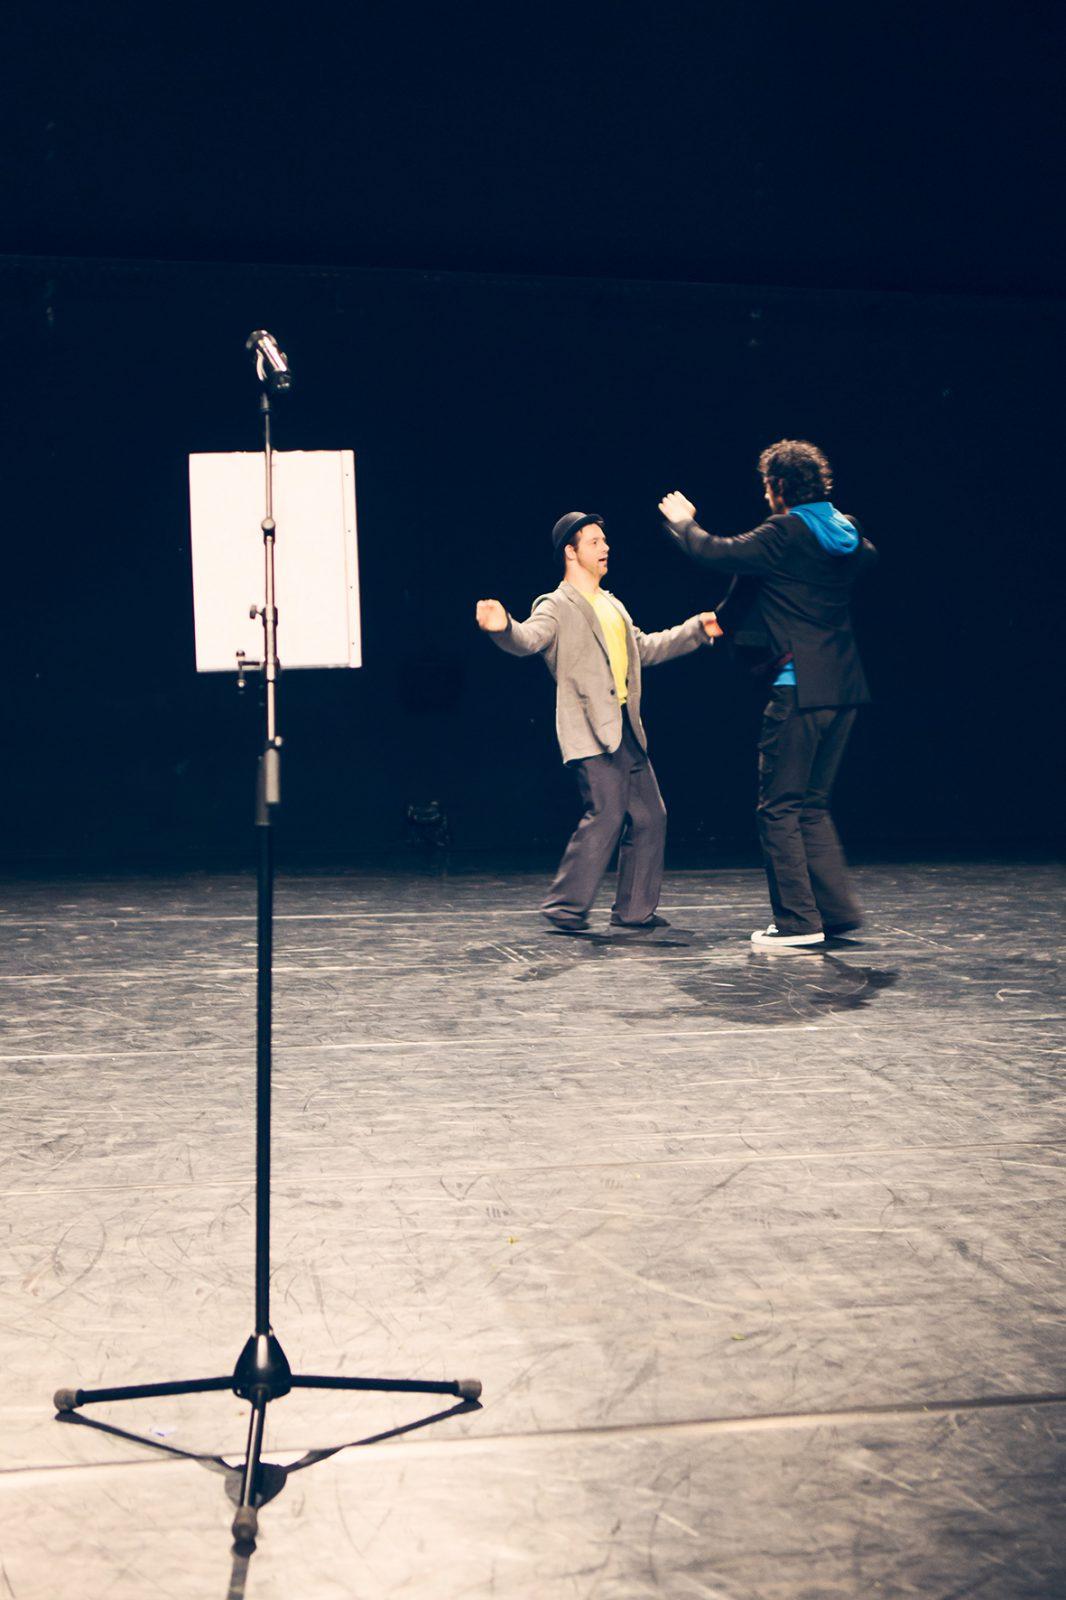 zwei Männer tanzen gegenüber